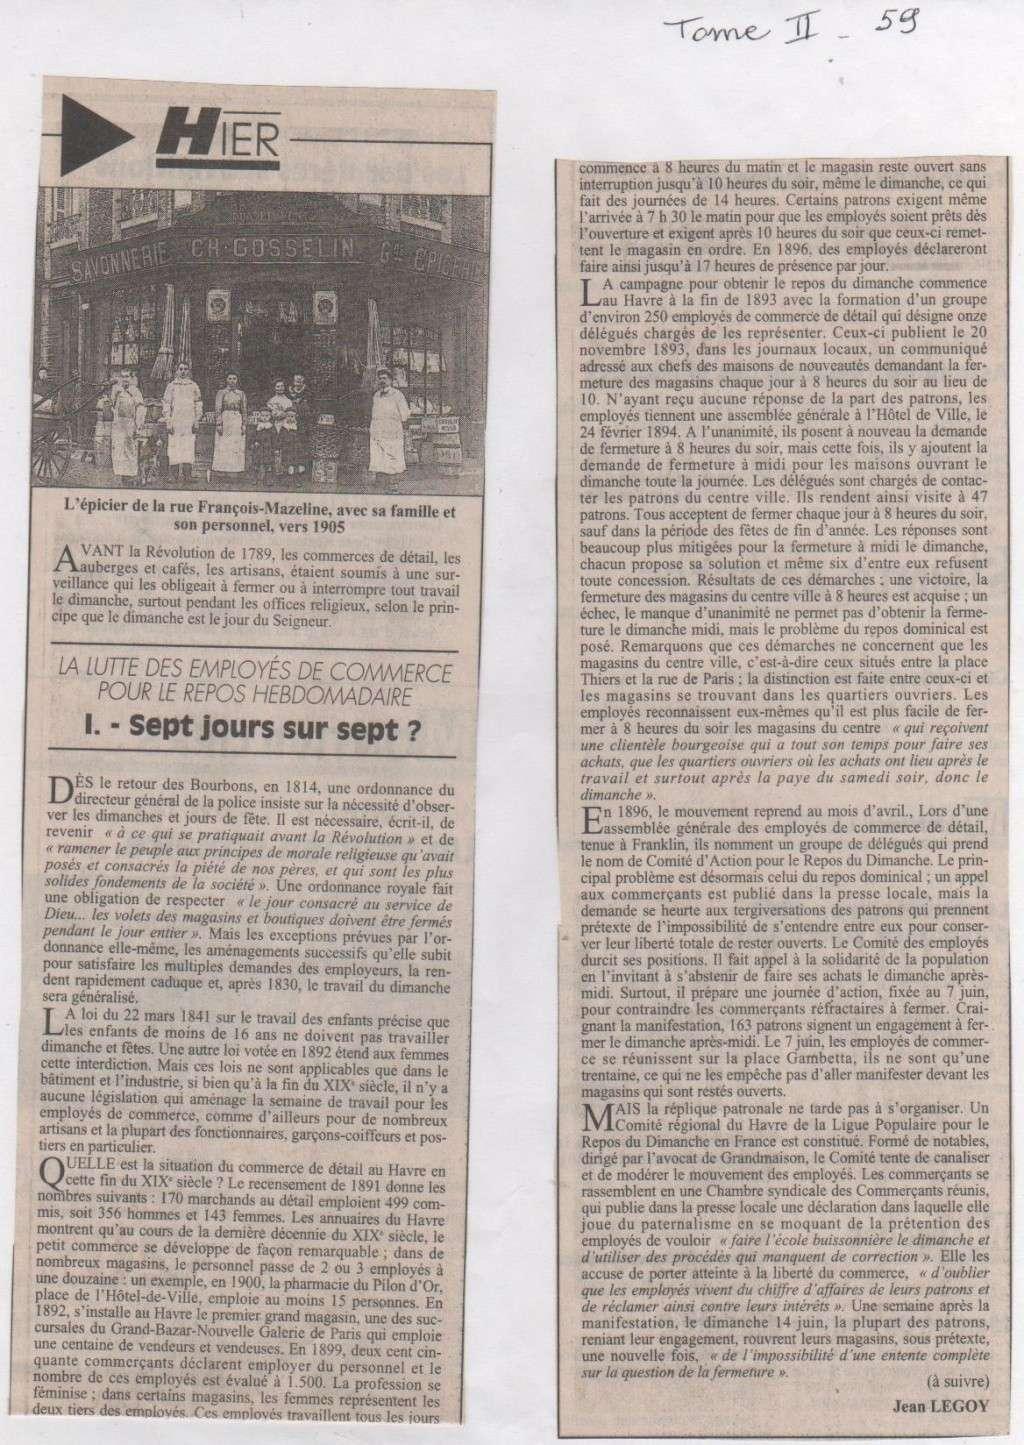 bléville - Hier, Le Havre par Jean LEGOY - Page 4 Sept_j10